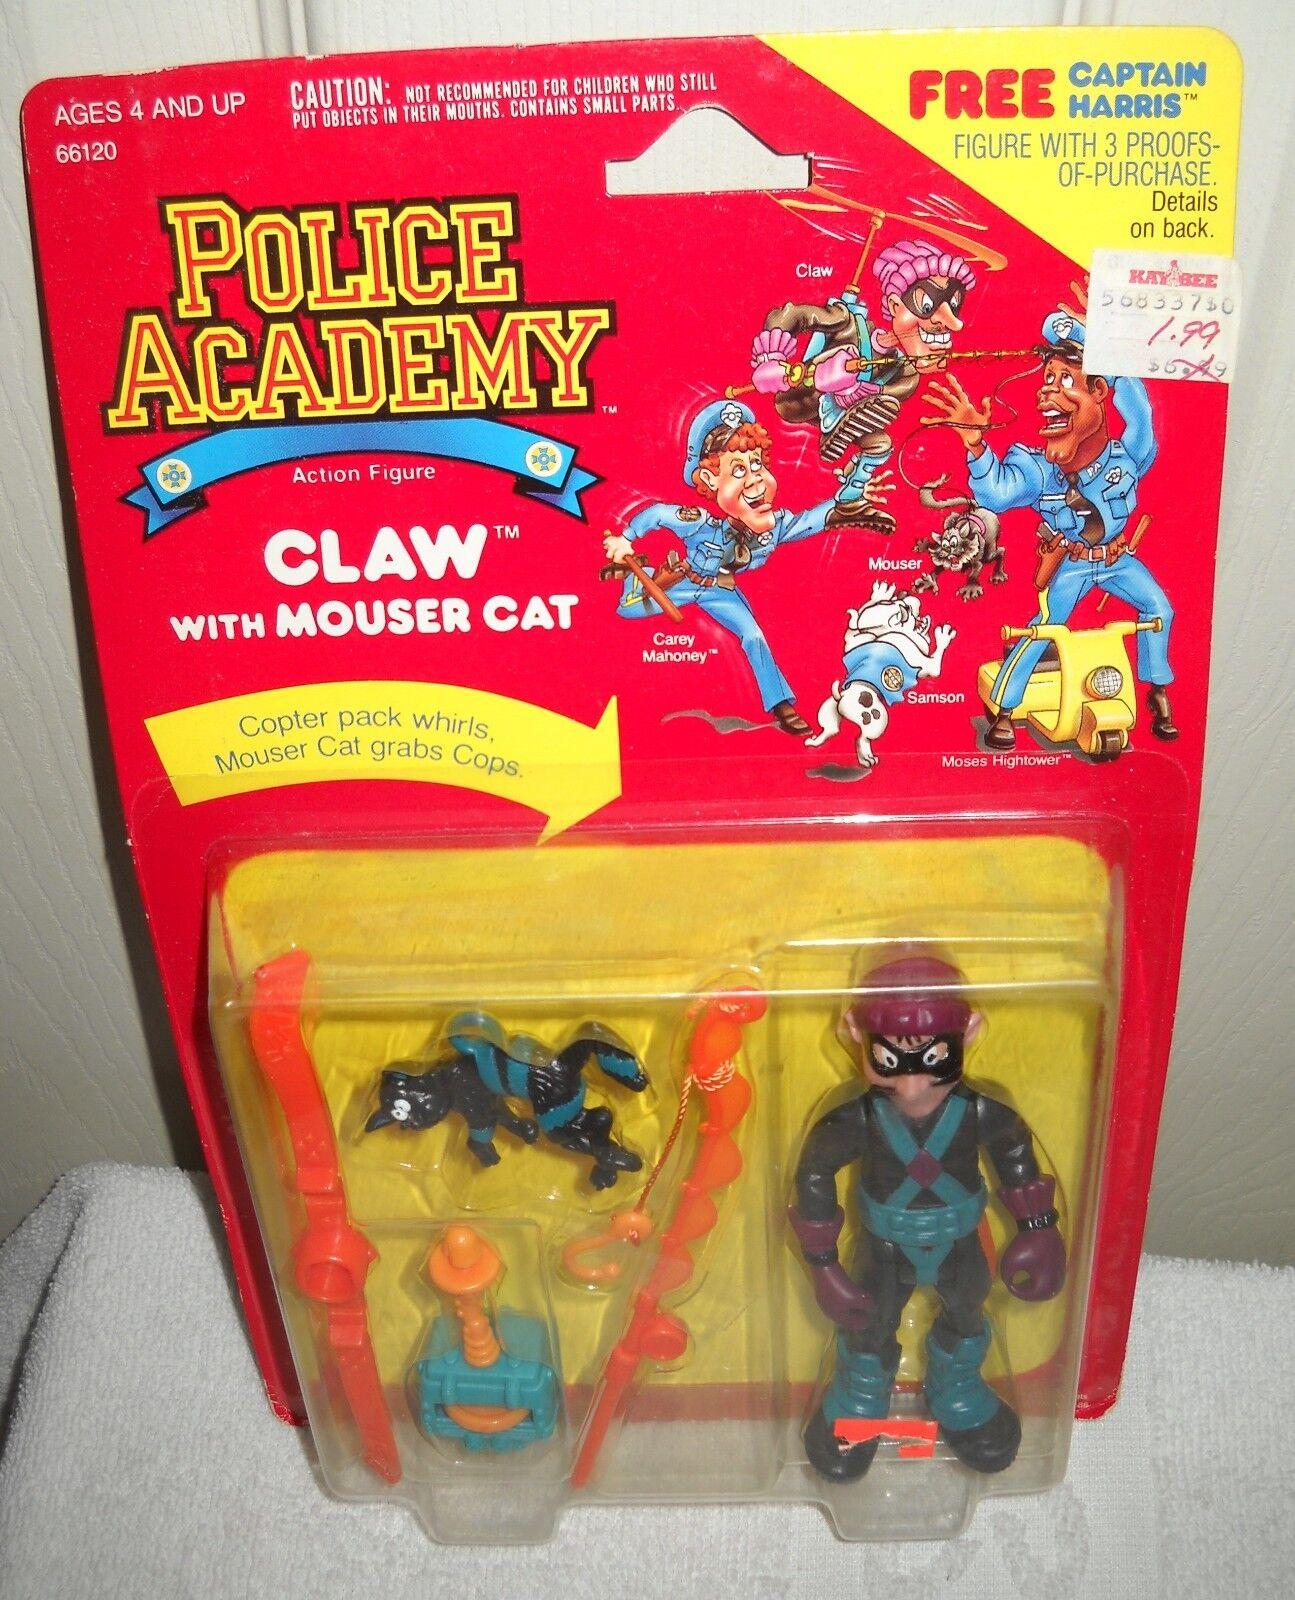 10026 nrfc vintage - kenner der polizeischule klaue figur mit mouser katze